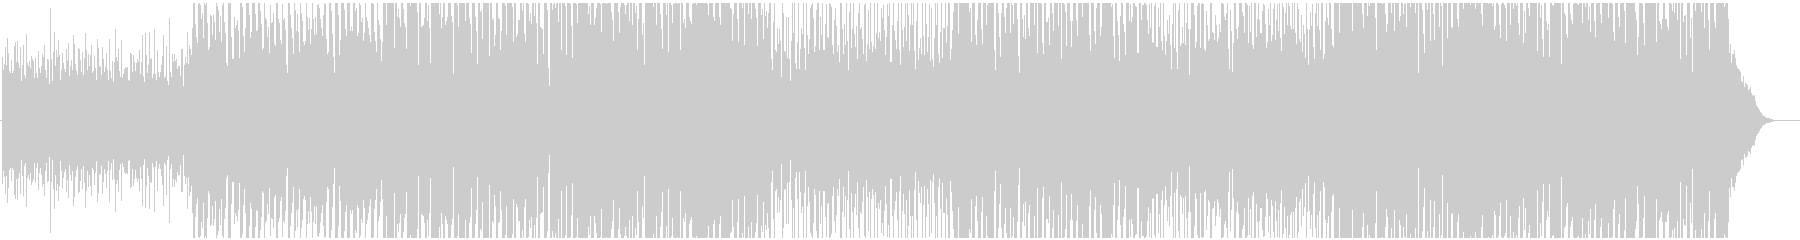 吹き替え、プレゼンテーション、ビデ...の未再生の波形